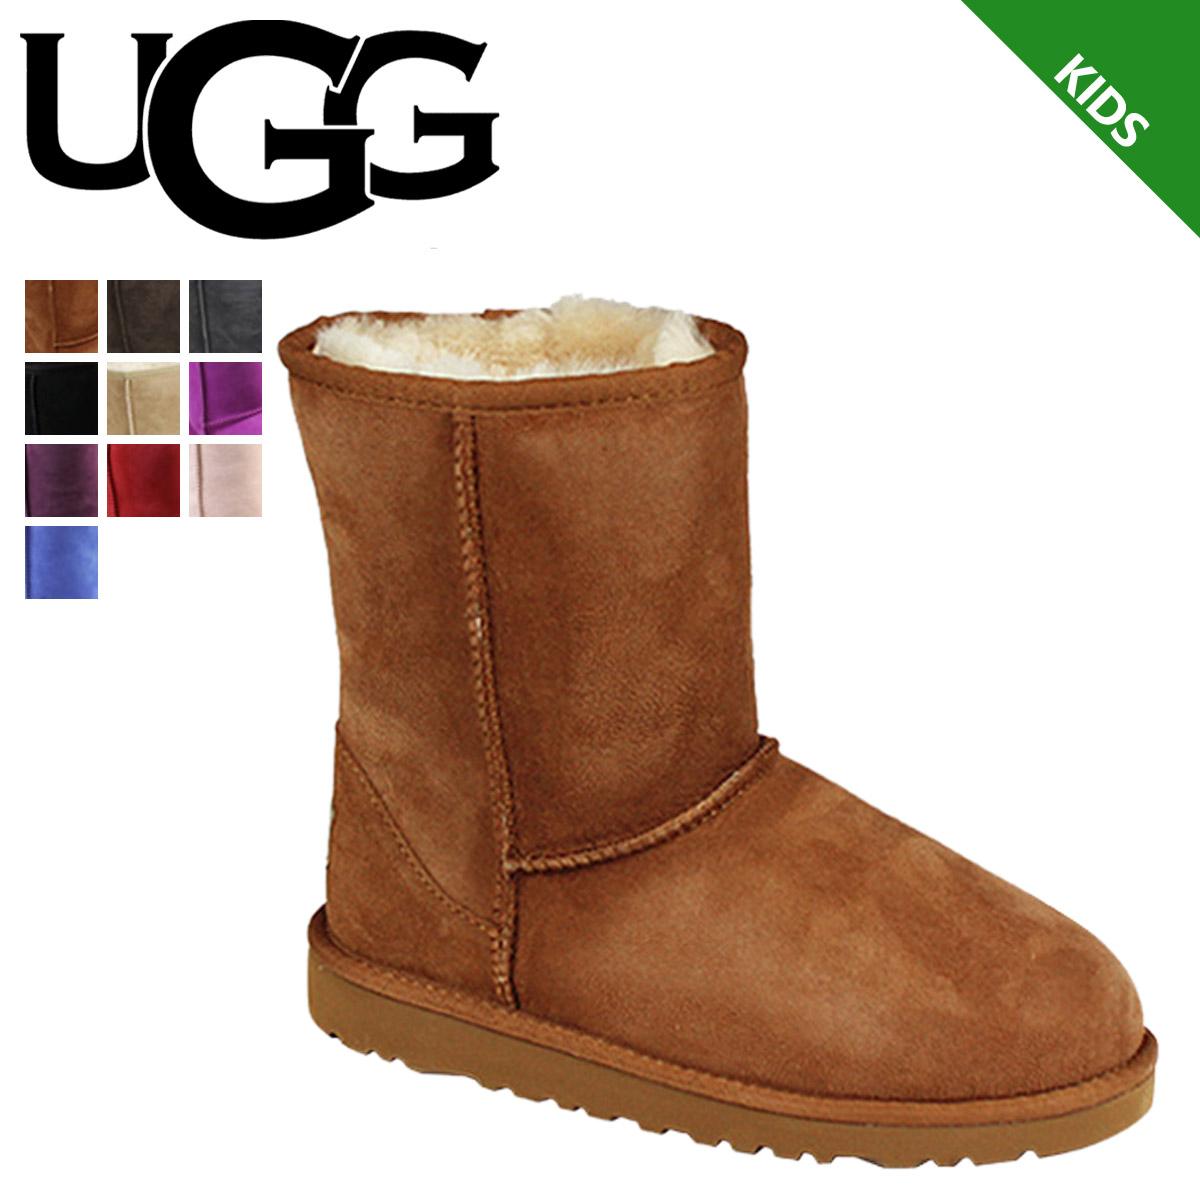 29% Off UGG UGG kids boots 5251 K KIDS CLASSIC SHORT Womens Sheepskin